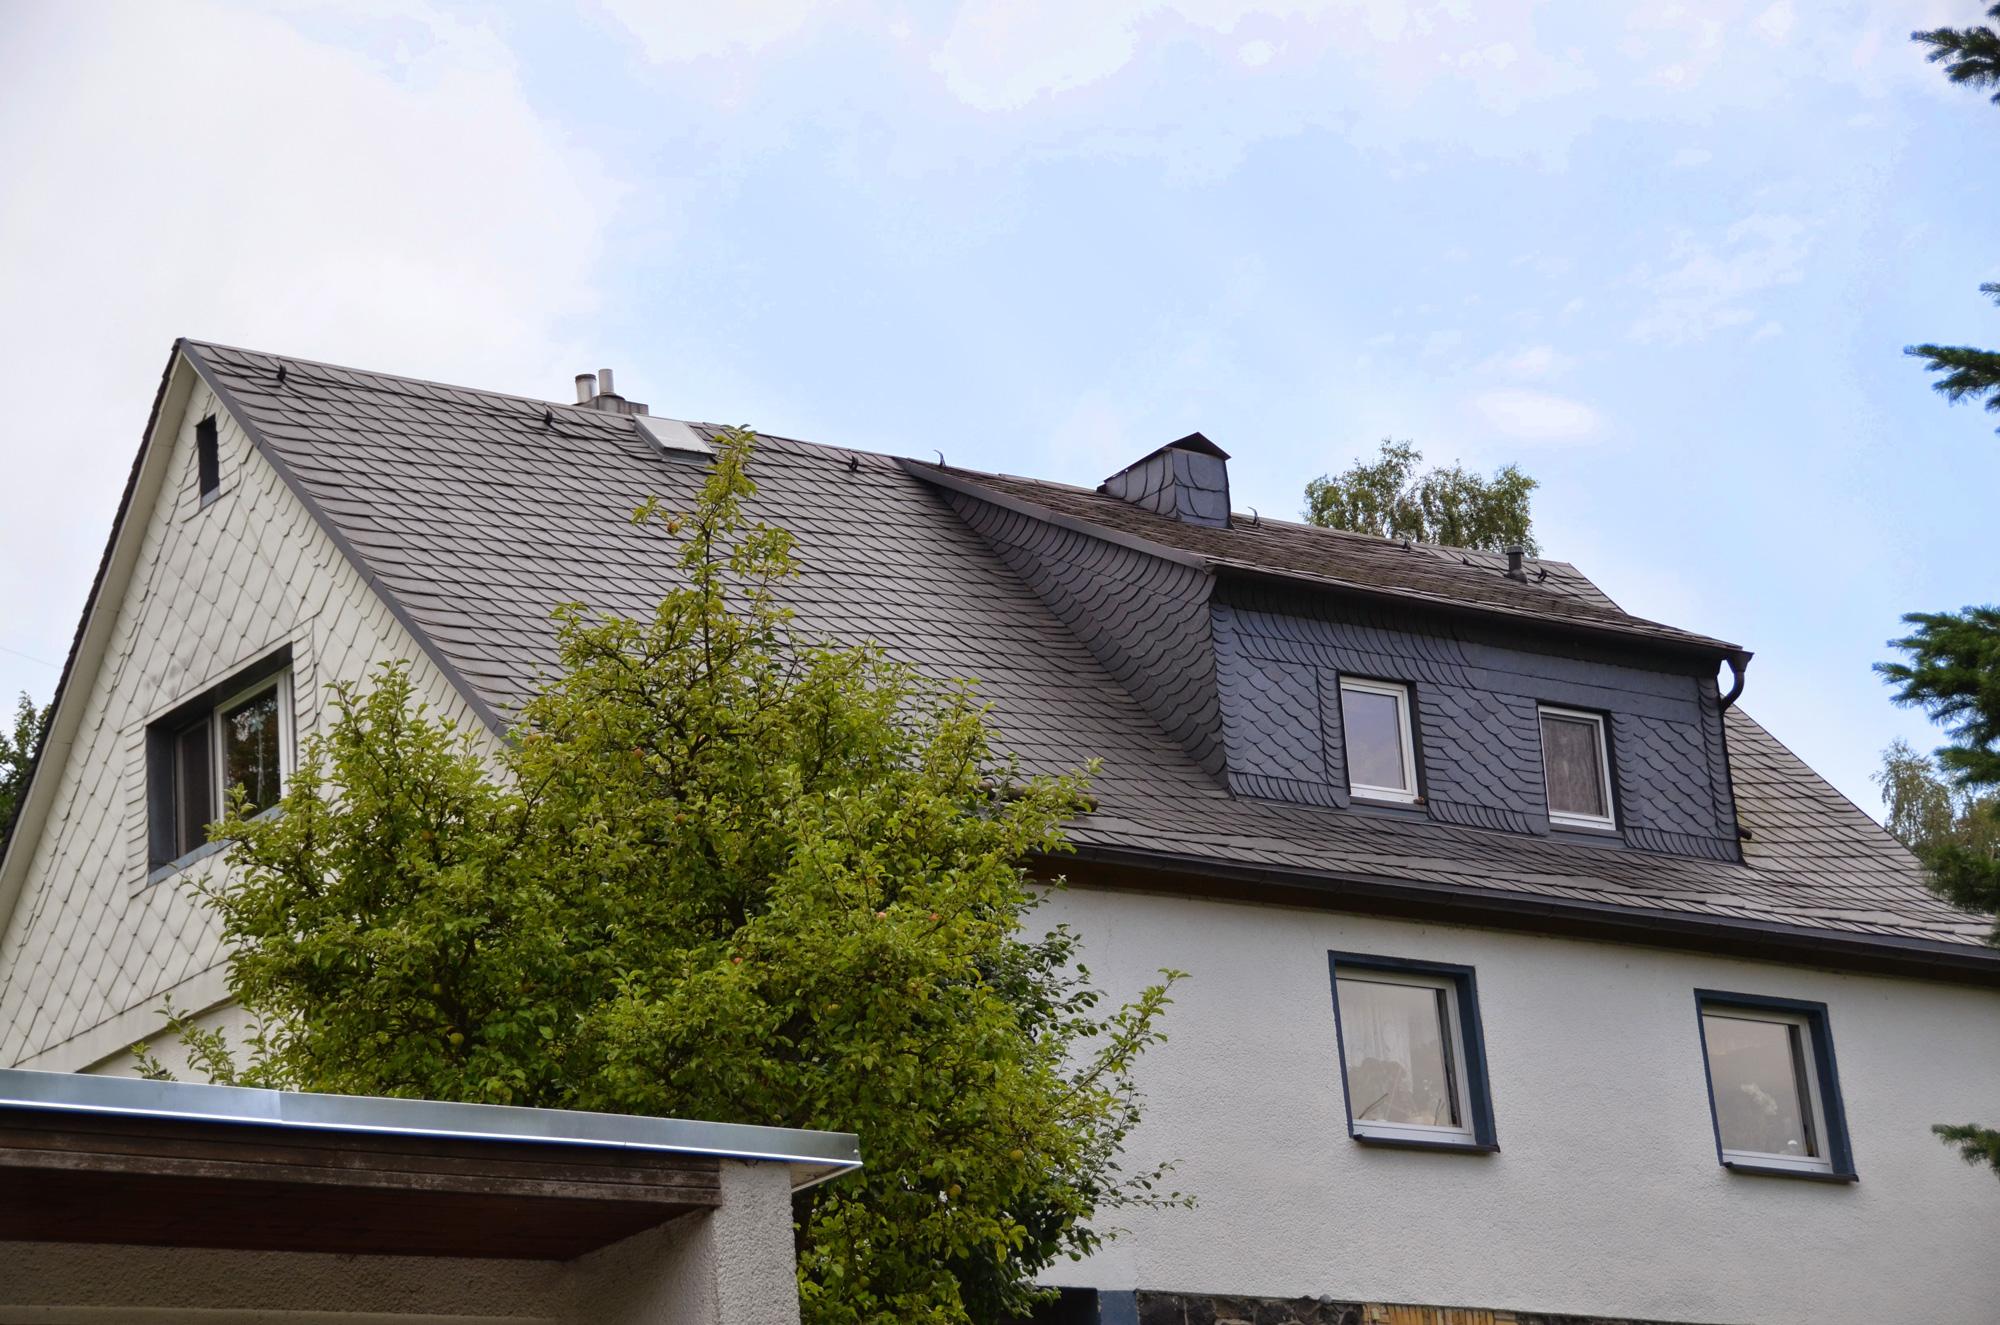 Naturschieferdach, Blankenstein, Saale-Orla-Kreis